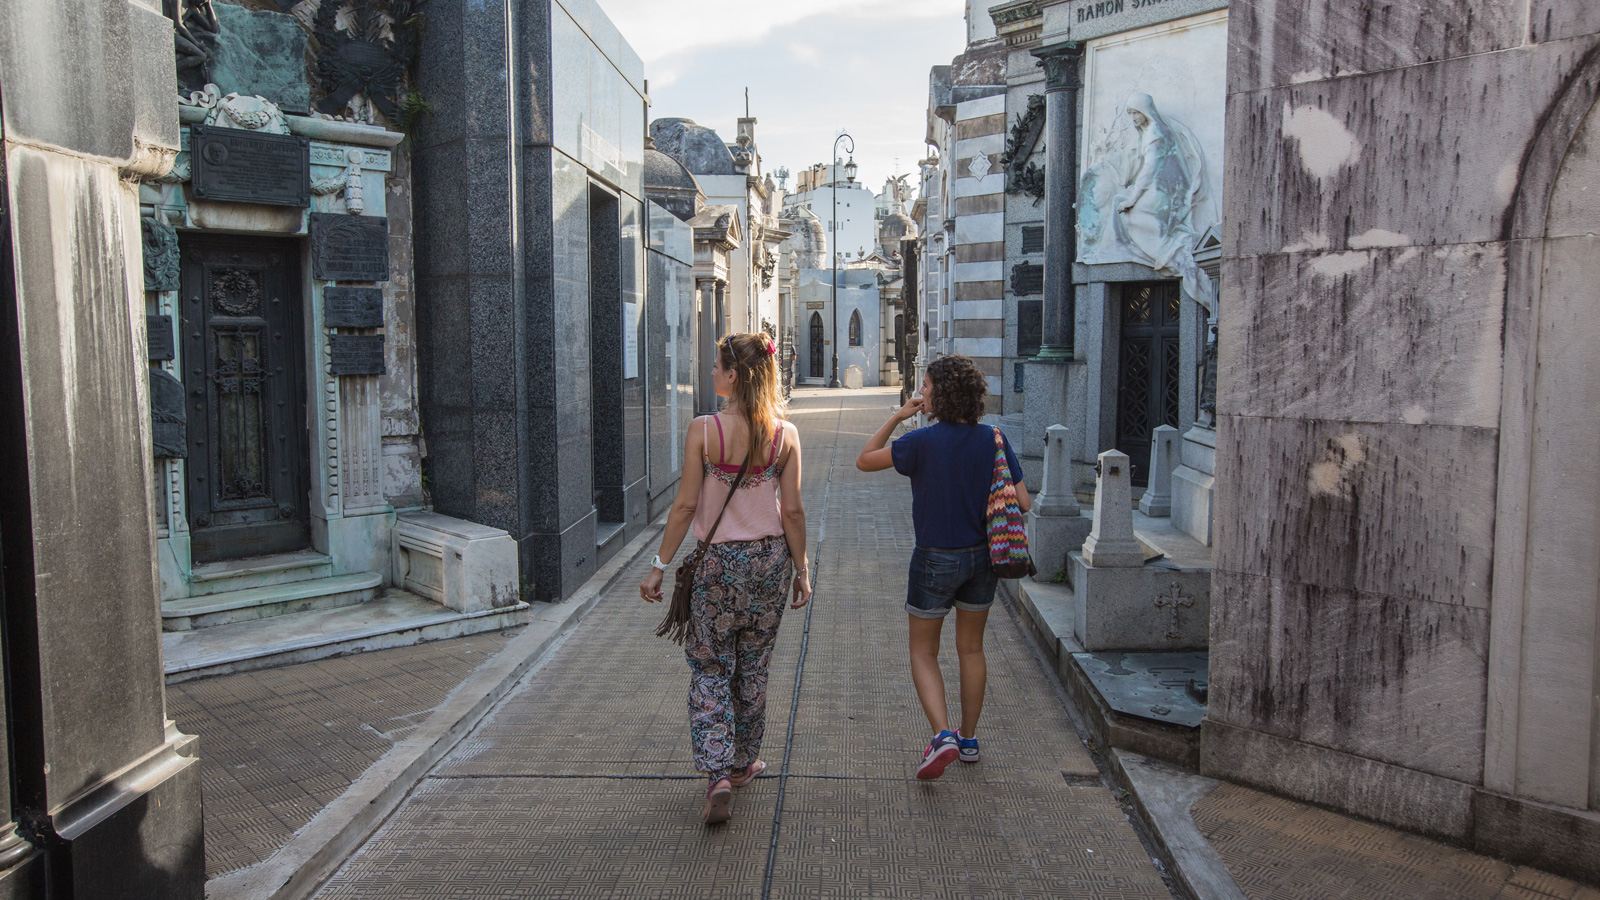 Südamerika Abenteuerurlaub von La Paz nach Rio de Janeiro Gruppenreisen Urlaub für junge Leute traveljunkies